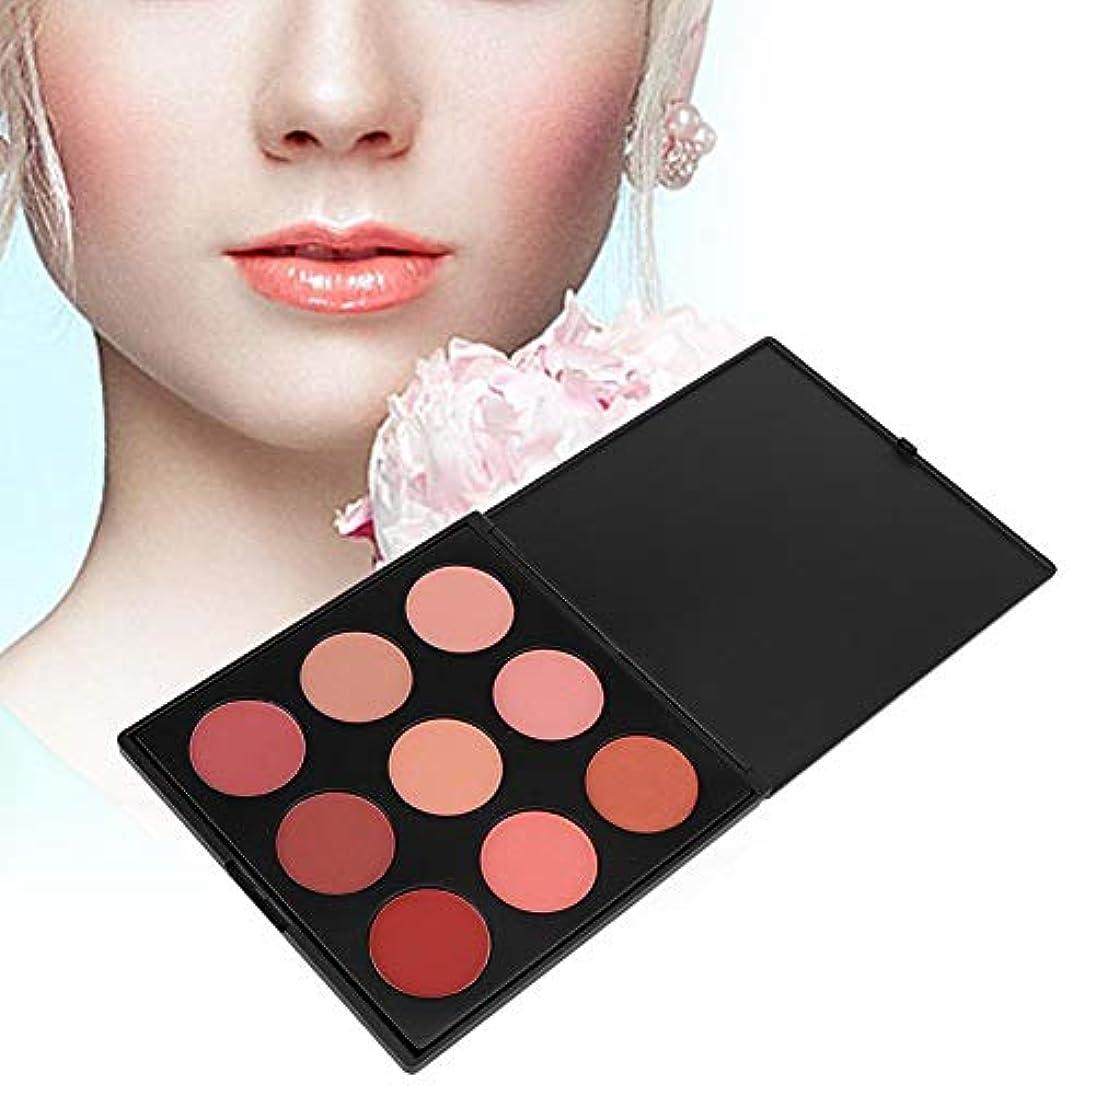 小切手ヒットシンプルさ9色 フェイスメイクアップ ブラッシャーフェイス 輪郭整形 パワーロングラスティング 化粧品(9N)